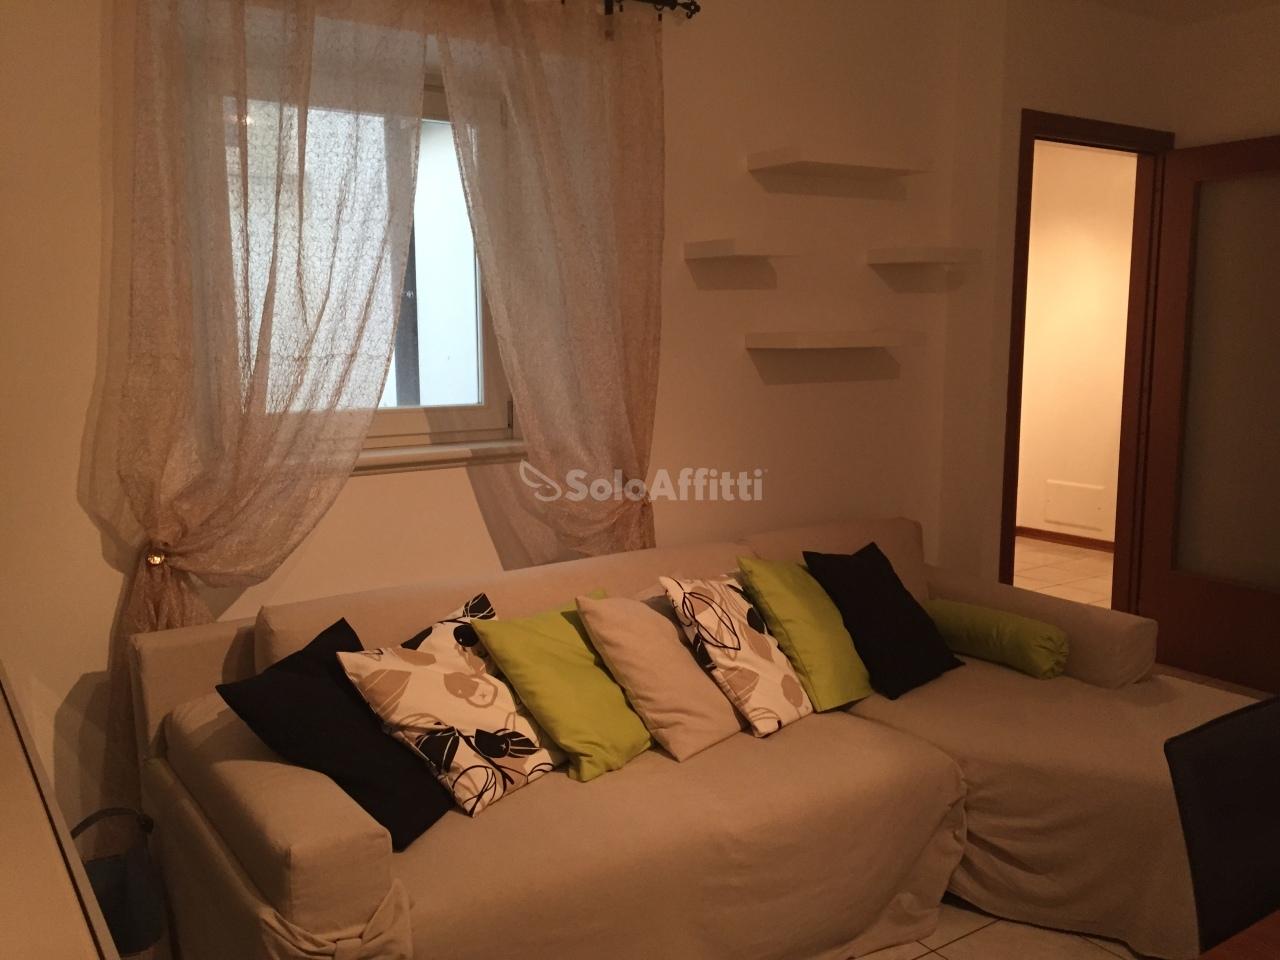 Appartamento, piazza unit agrave d italia, Affitto/Cessione - Trieste